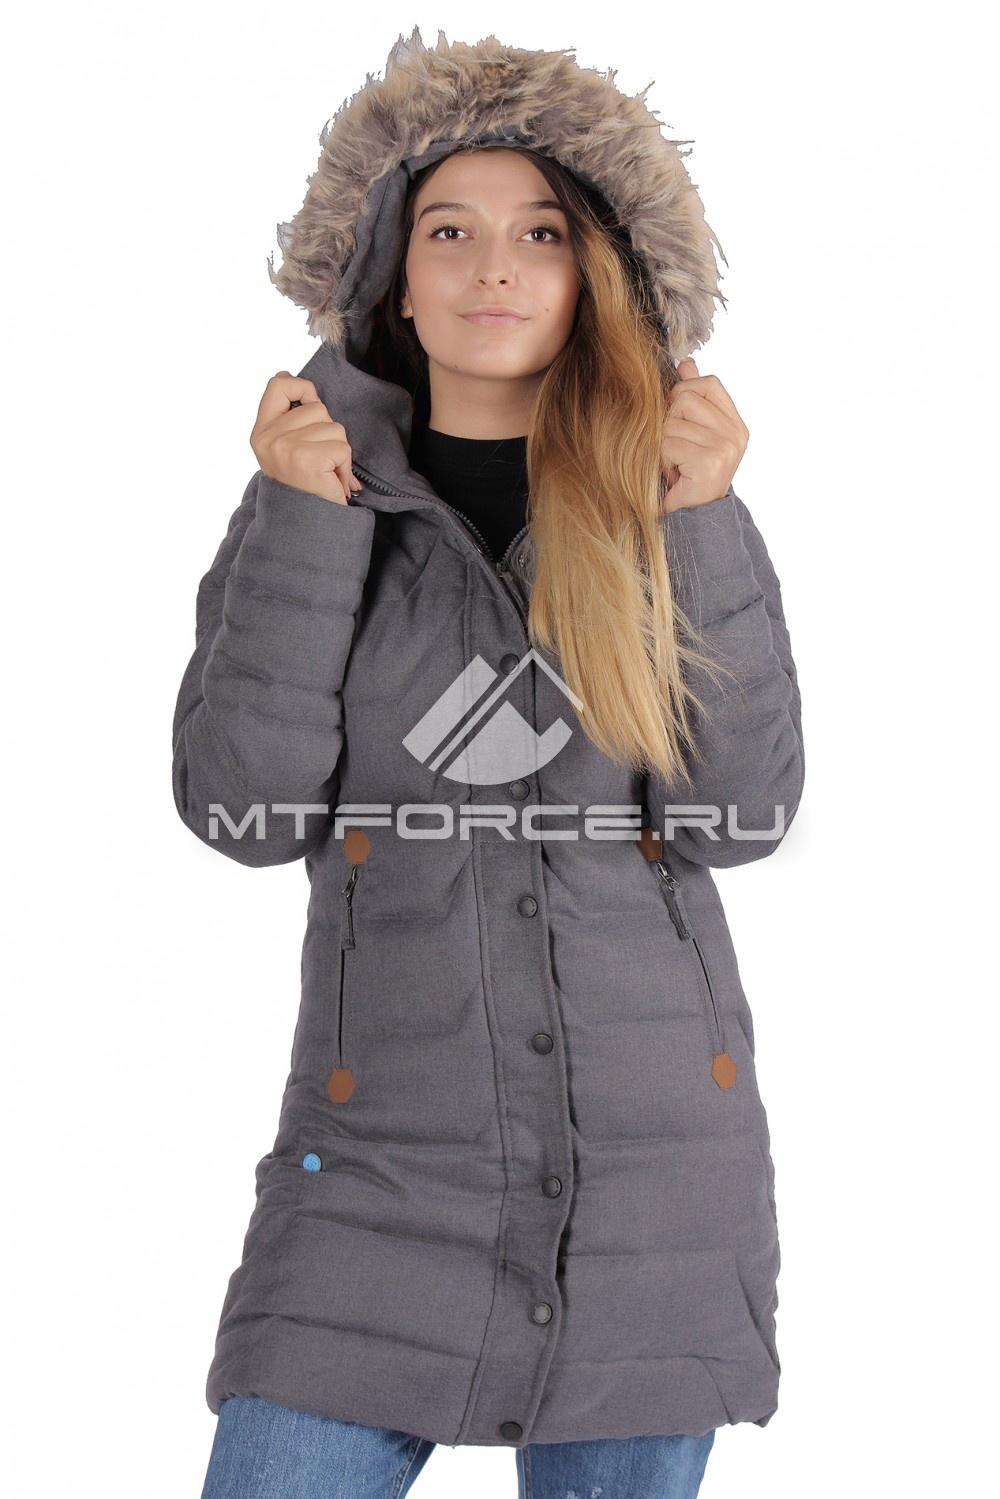 Купить оптом Куртка зимняя женская серый цвета F01Sr